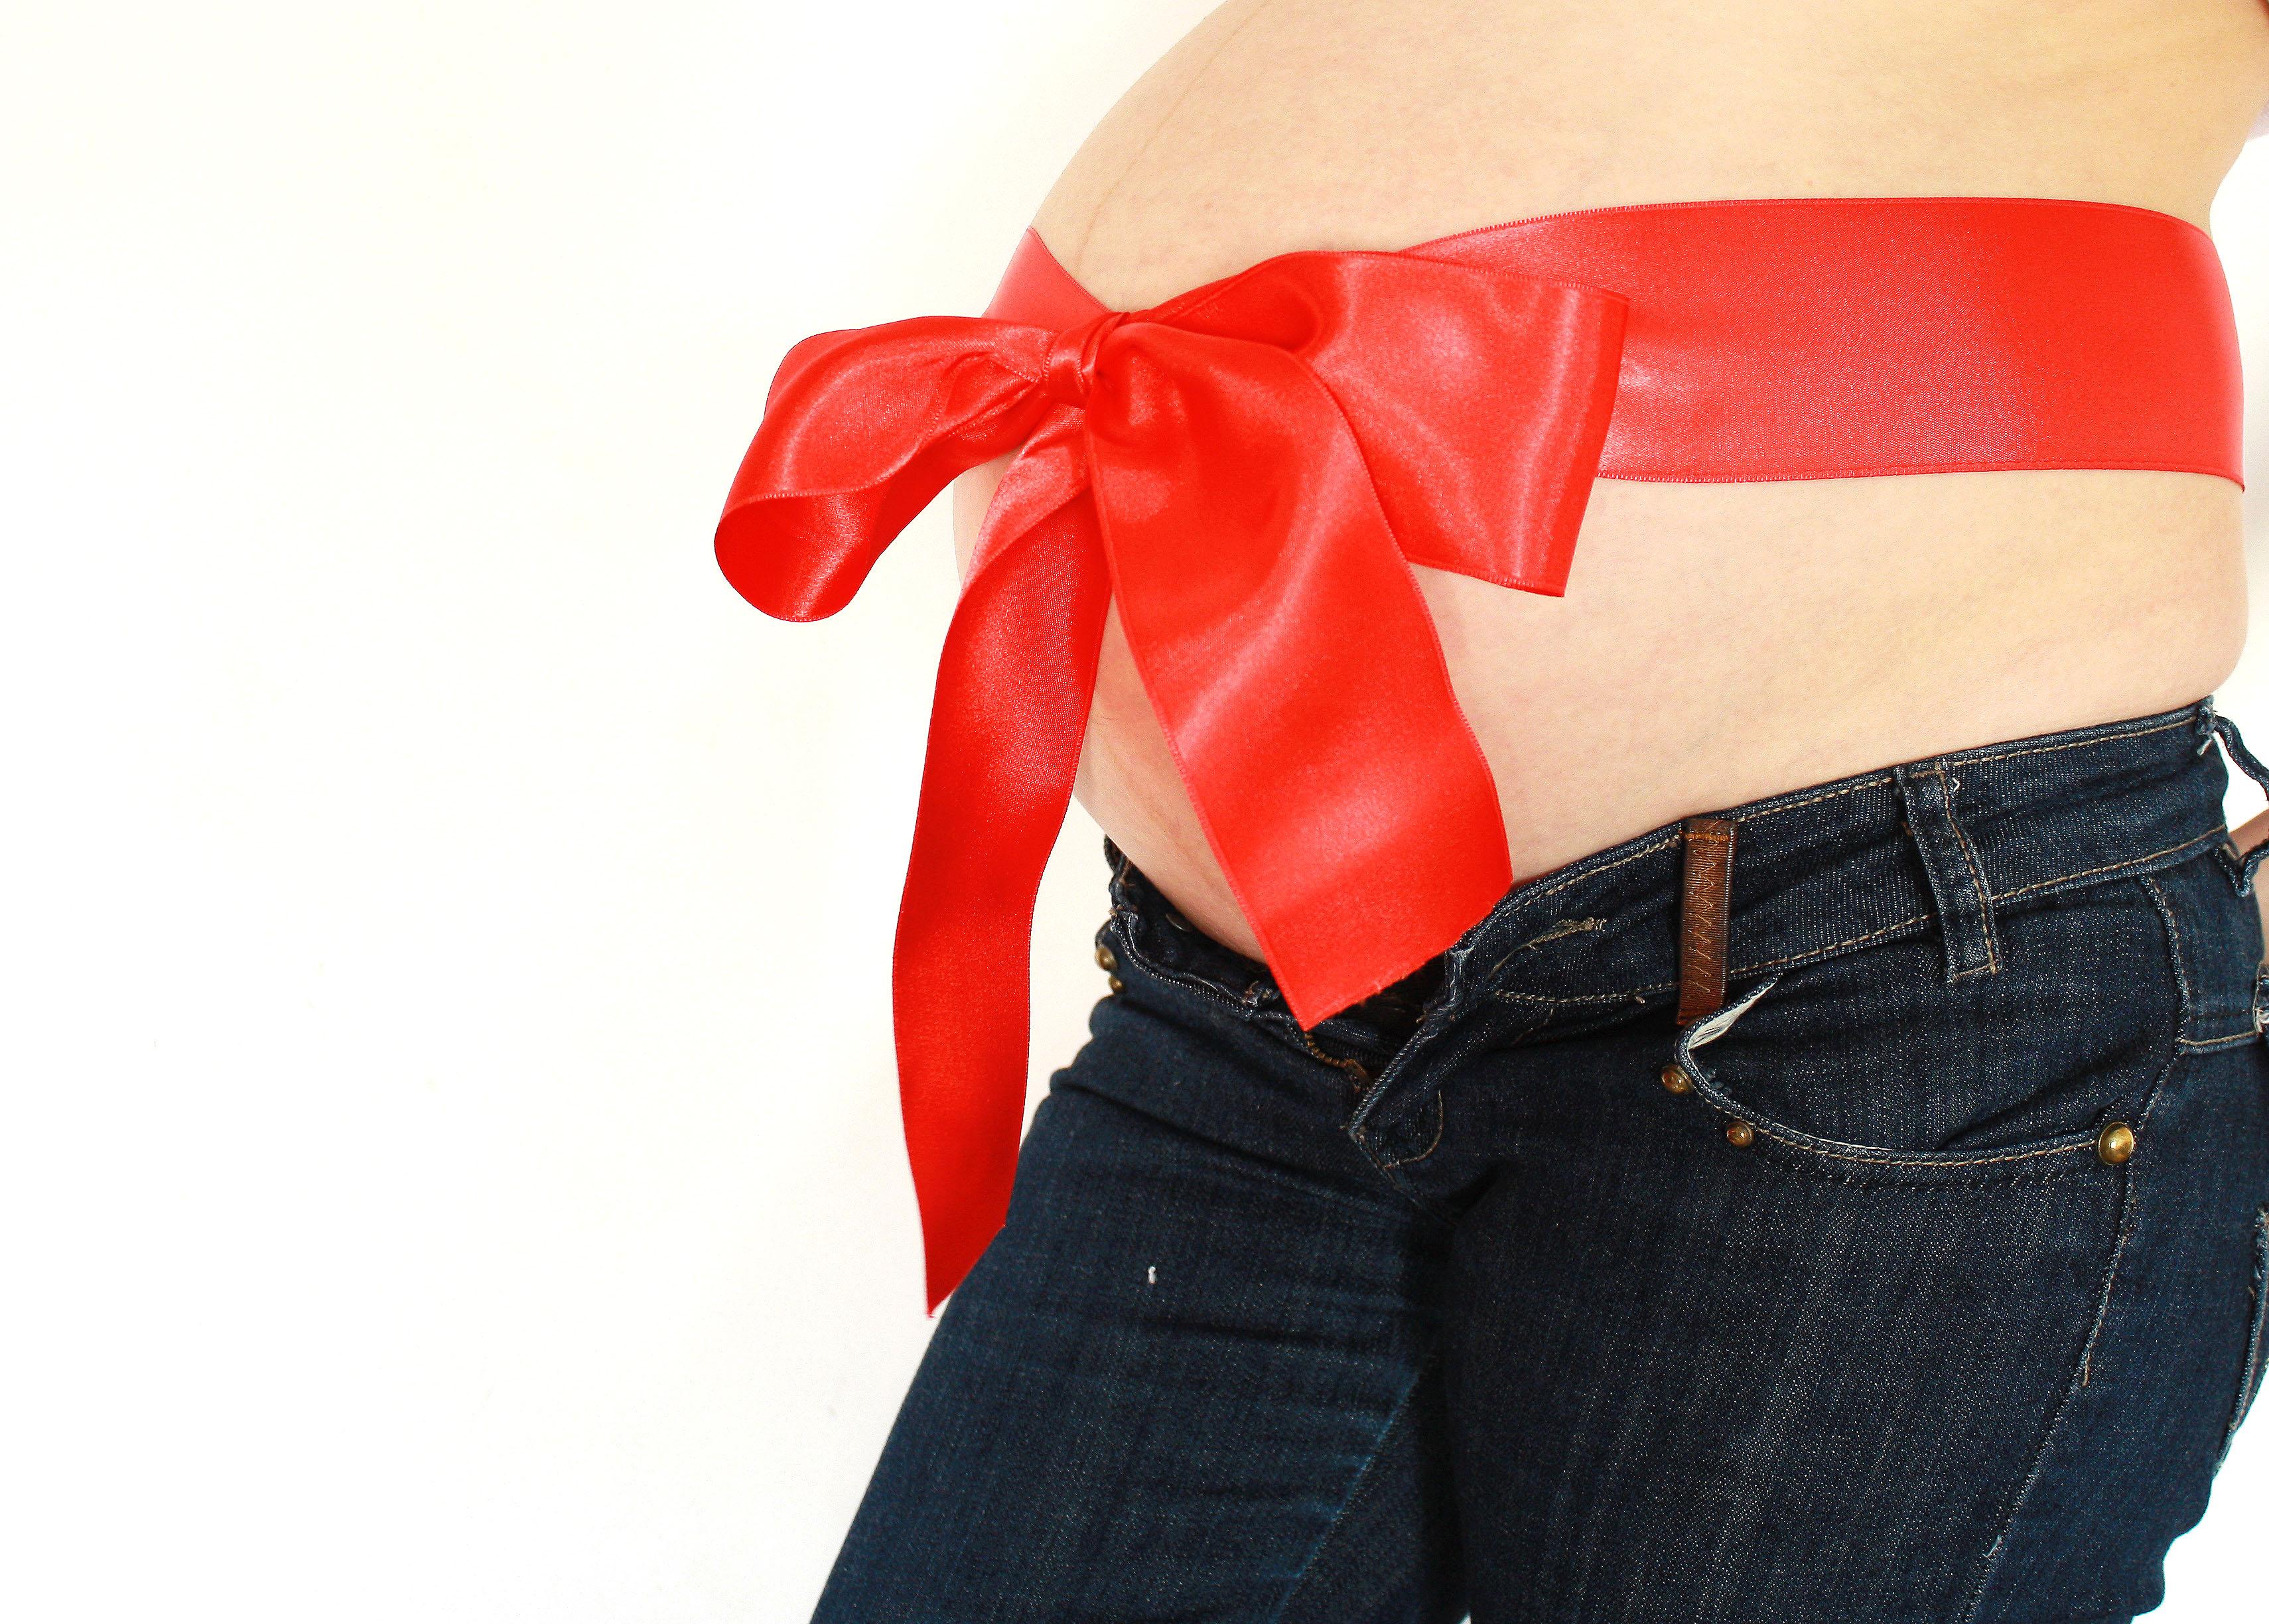 Умерената диета по време на бременност е безопасна